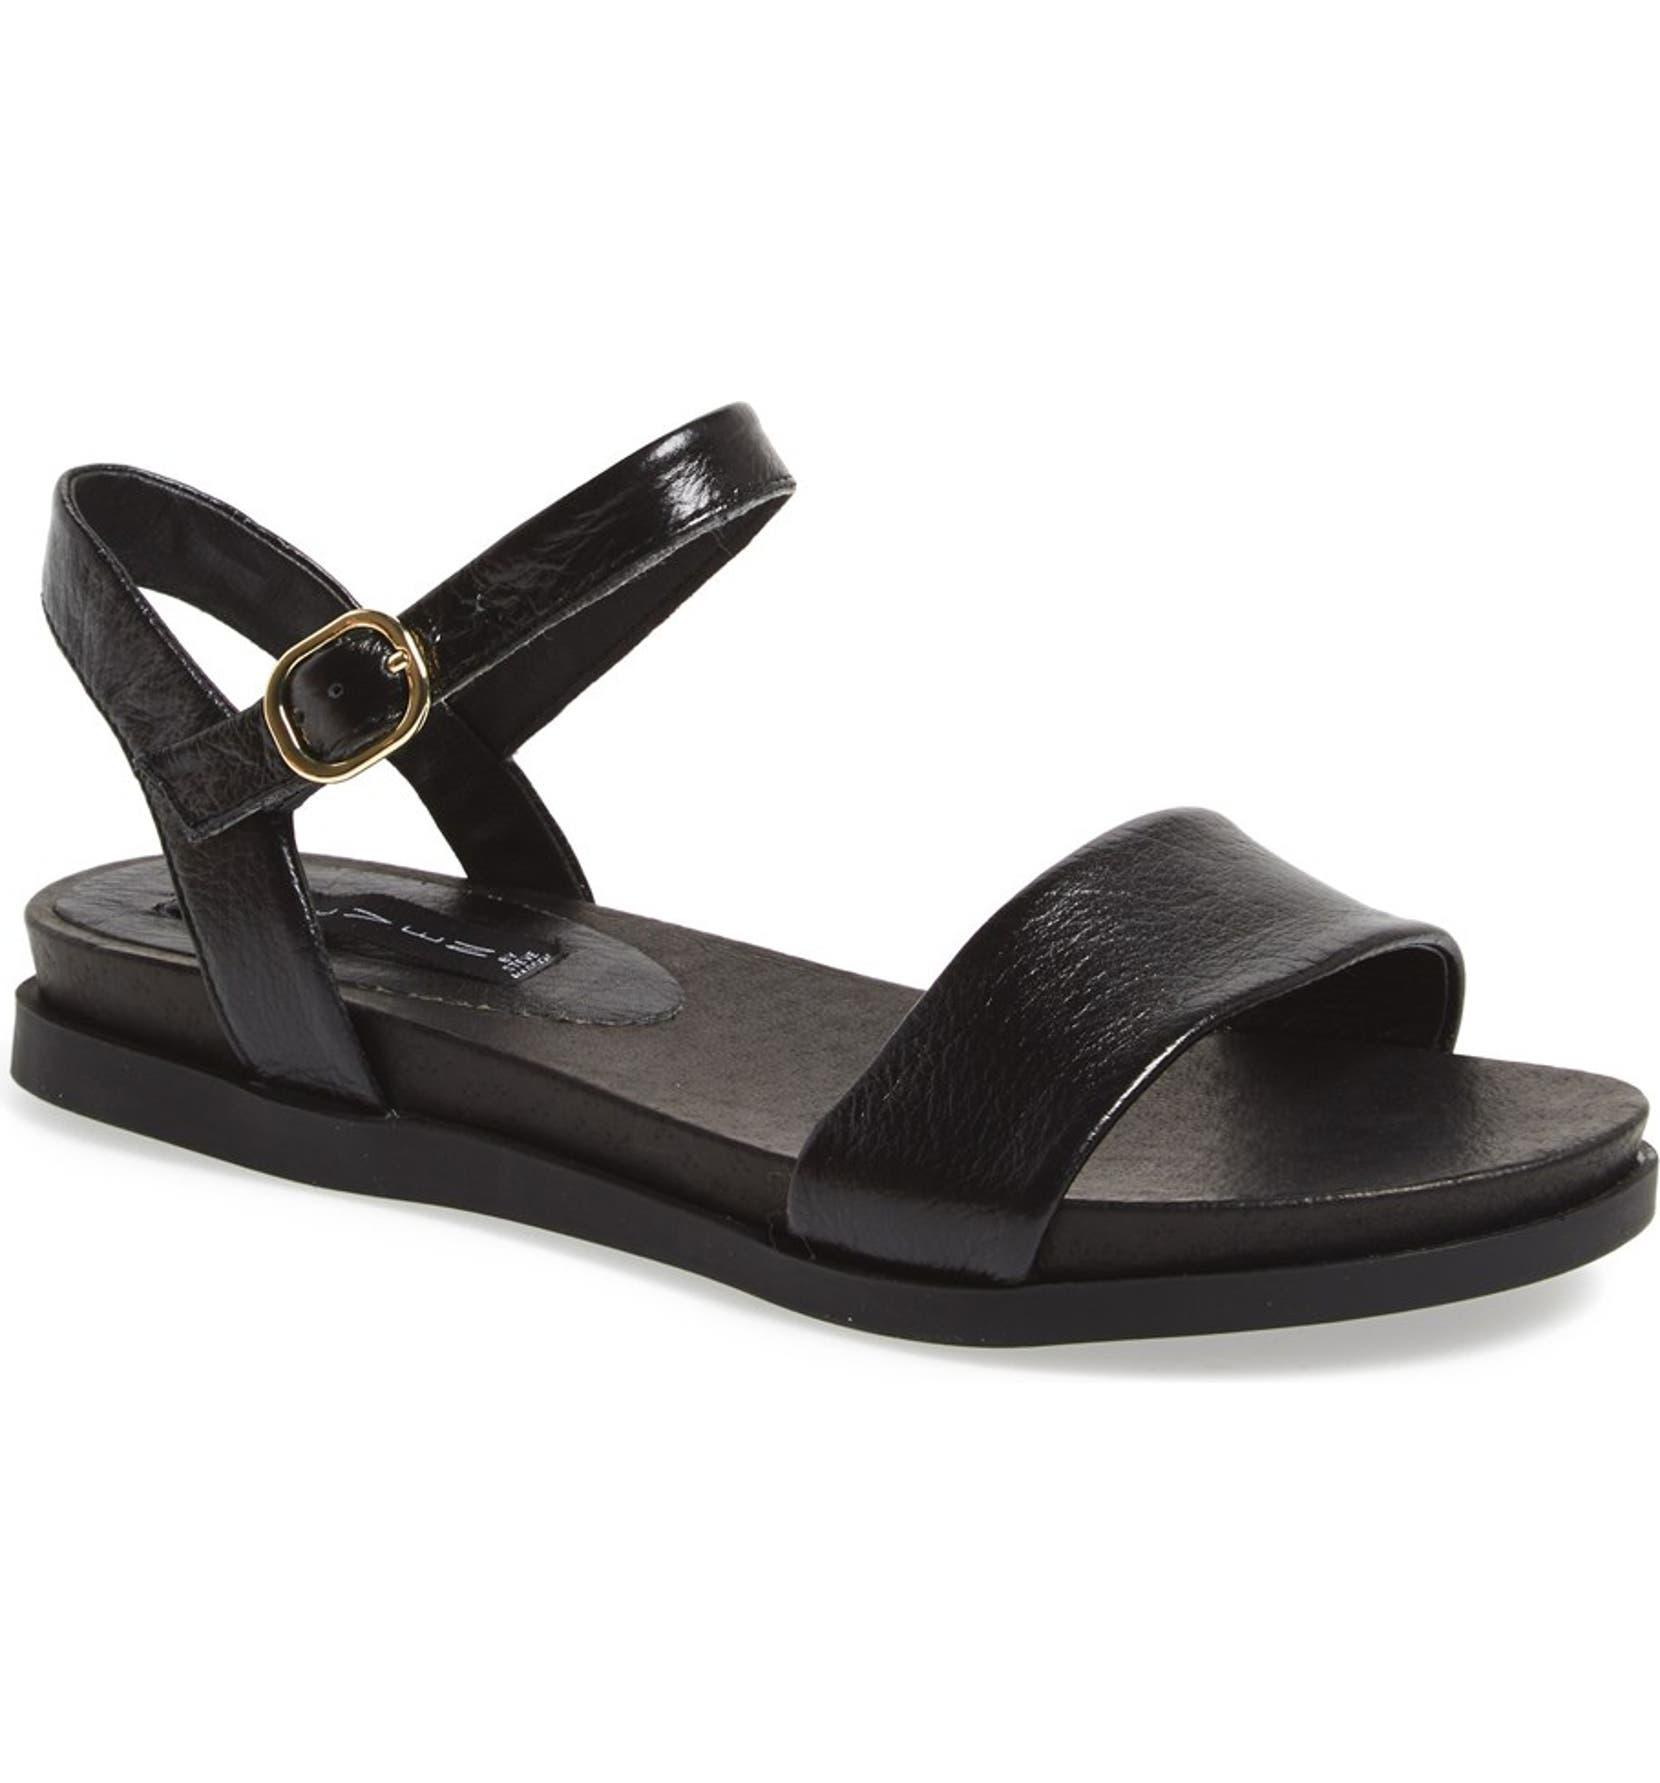 052e7b1b286 Steven by Steve Madden  Karli  Leather Sandal (Women)